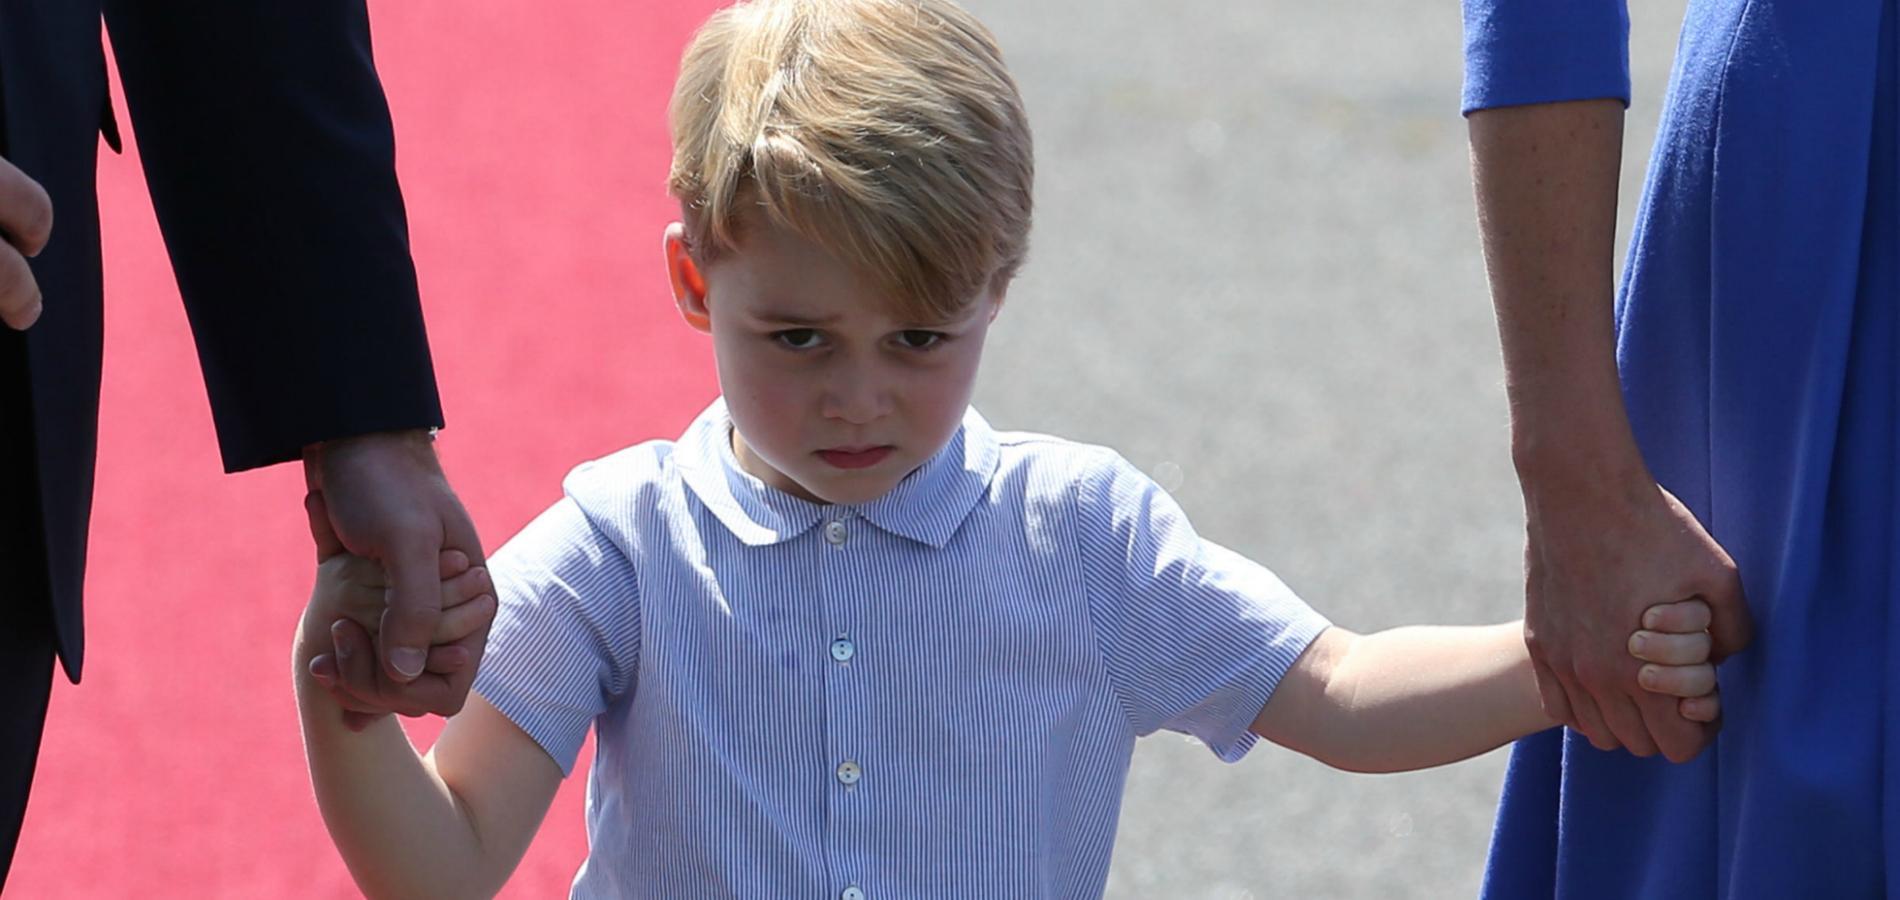 Kate Middleton accompagnera le prince George pour son premier jour d'école